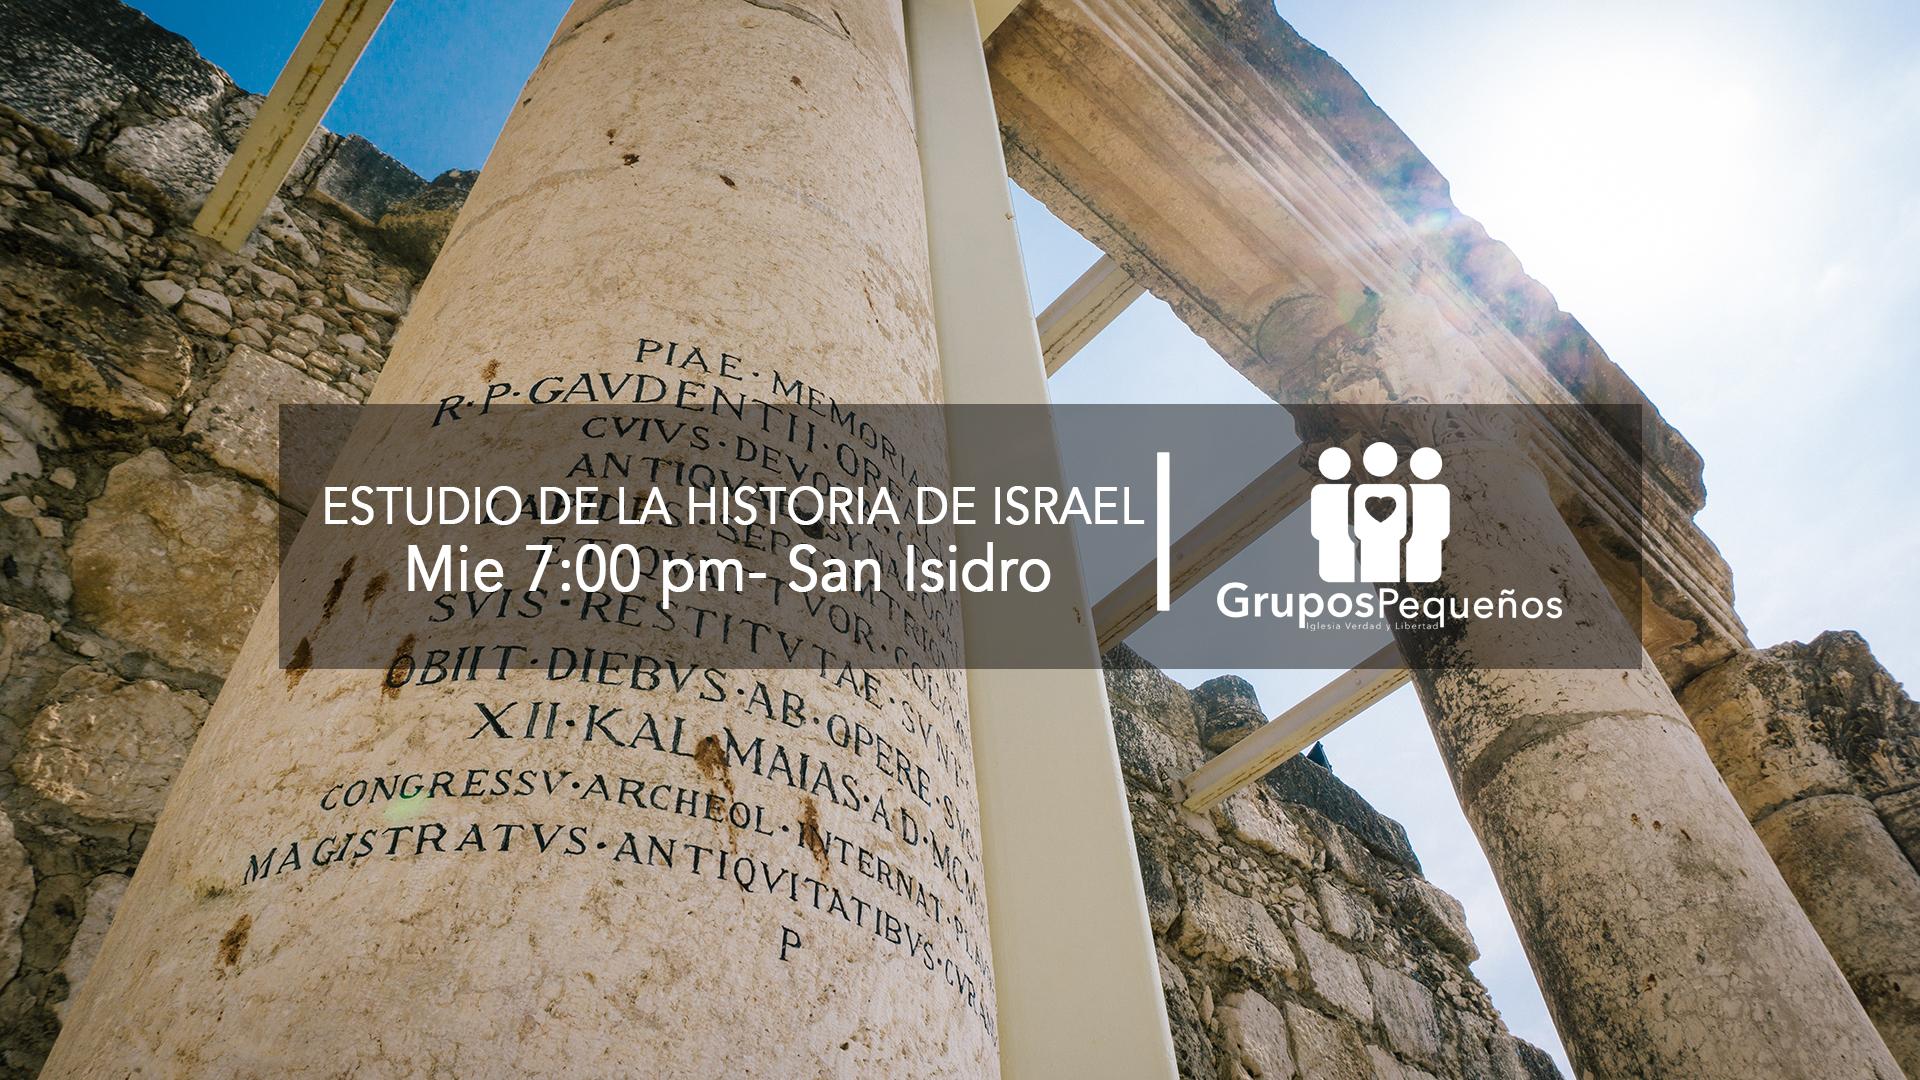 Estudio de la historia de Israel, pt. 1